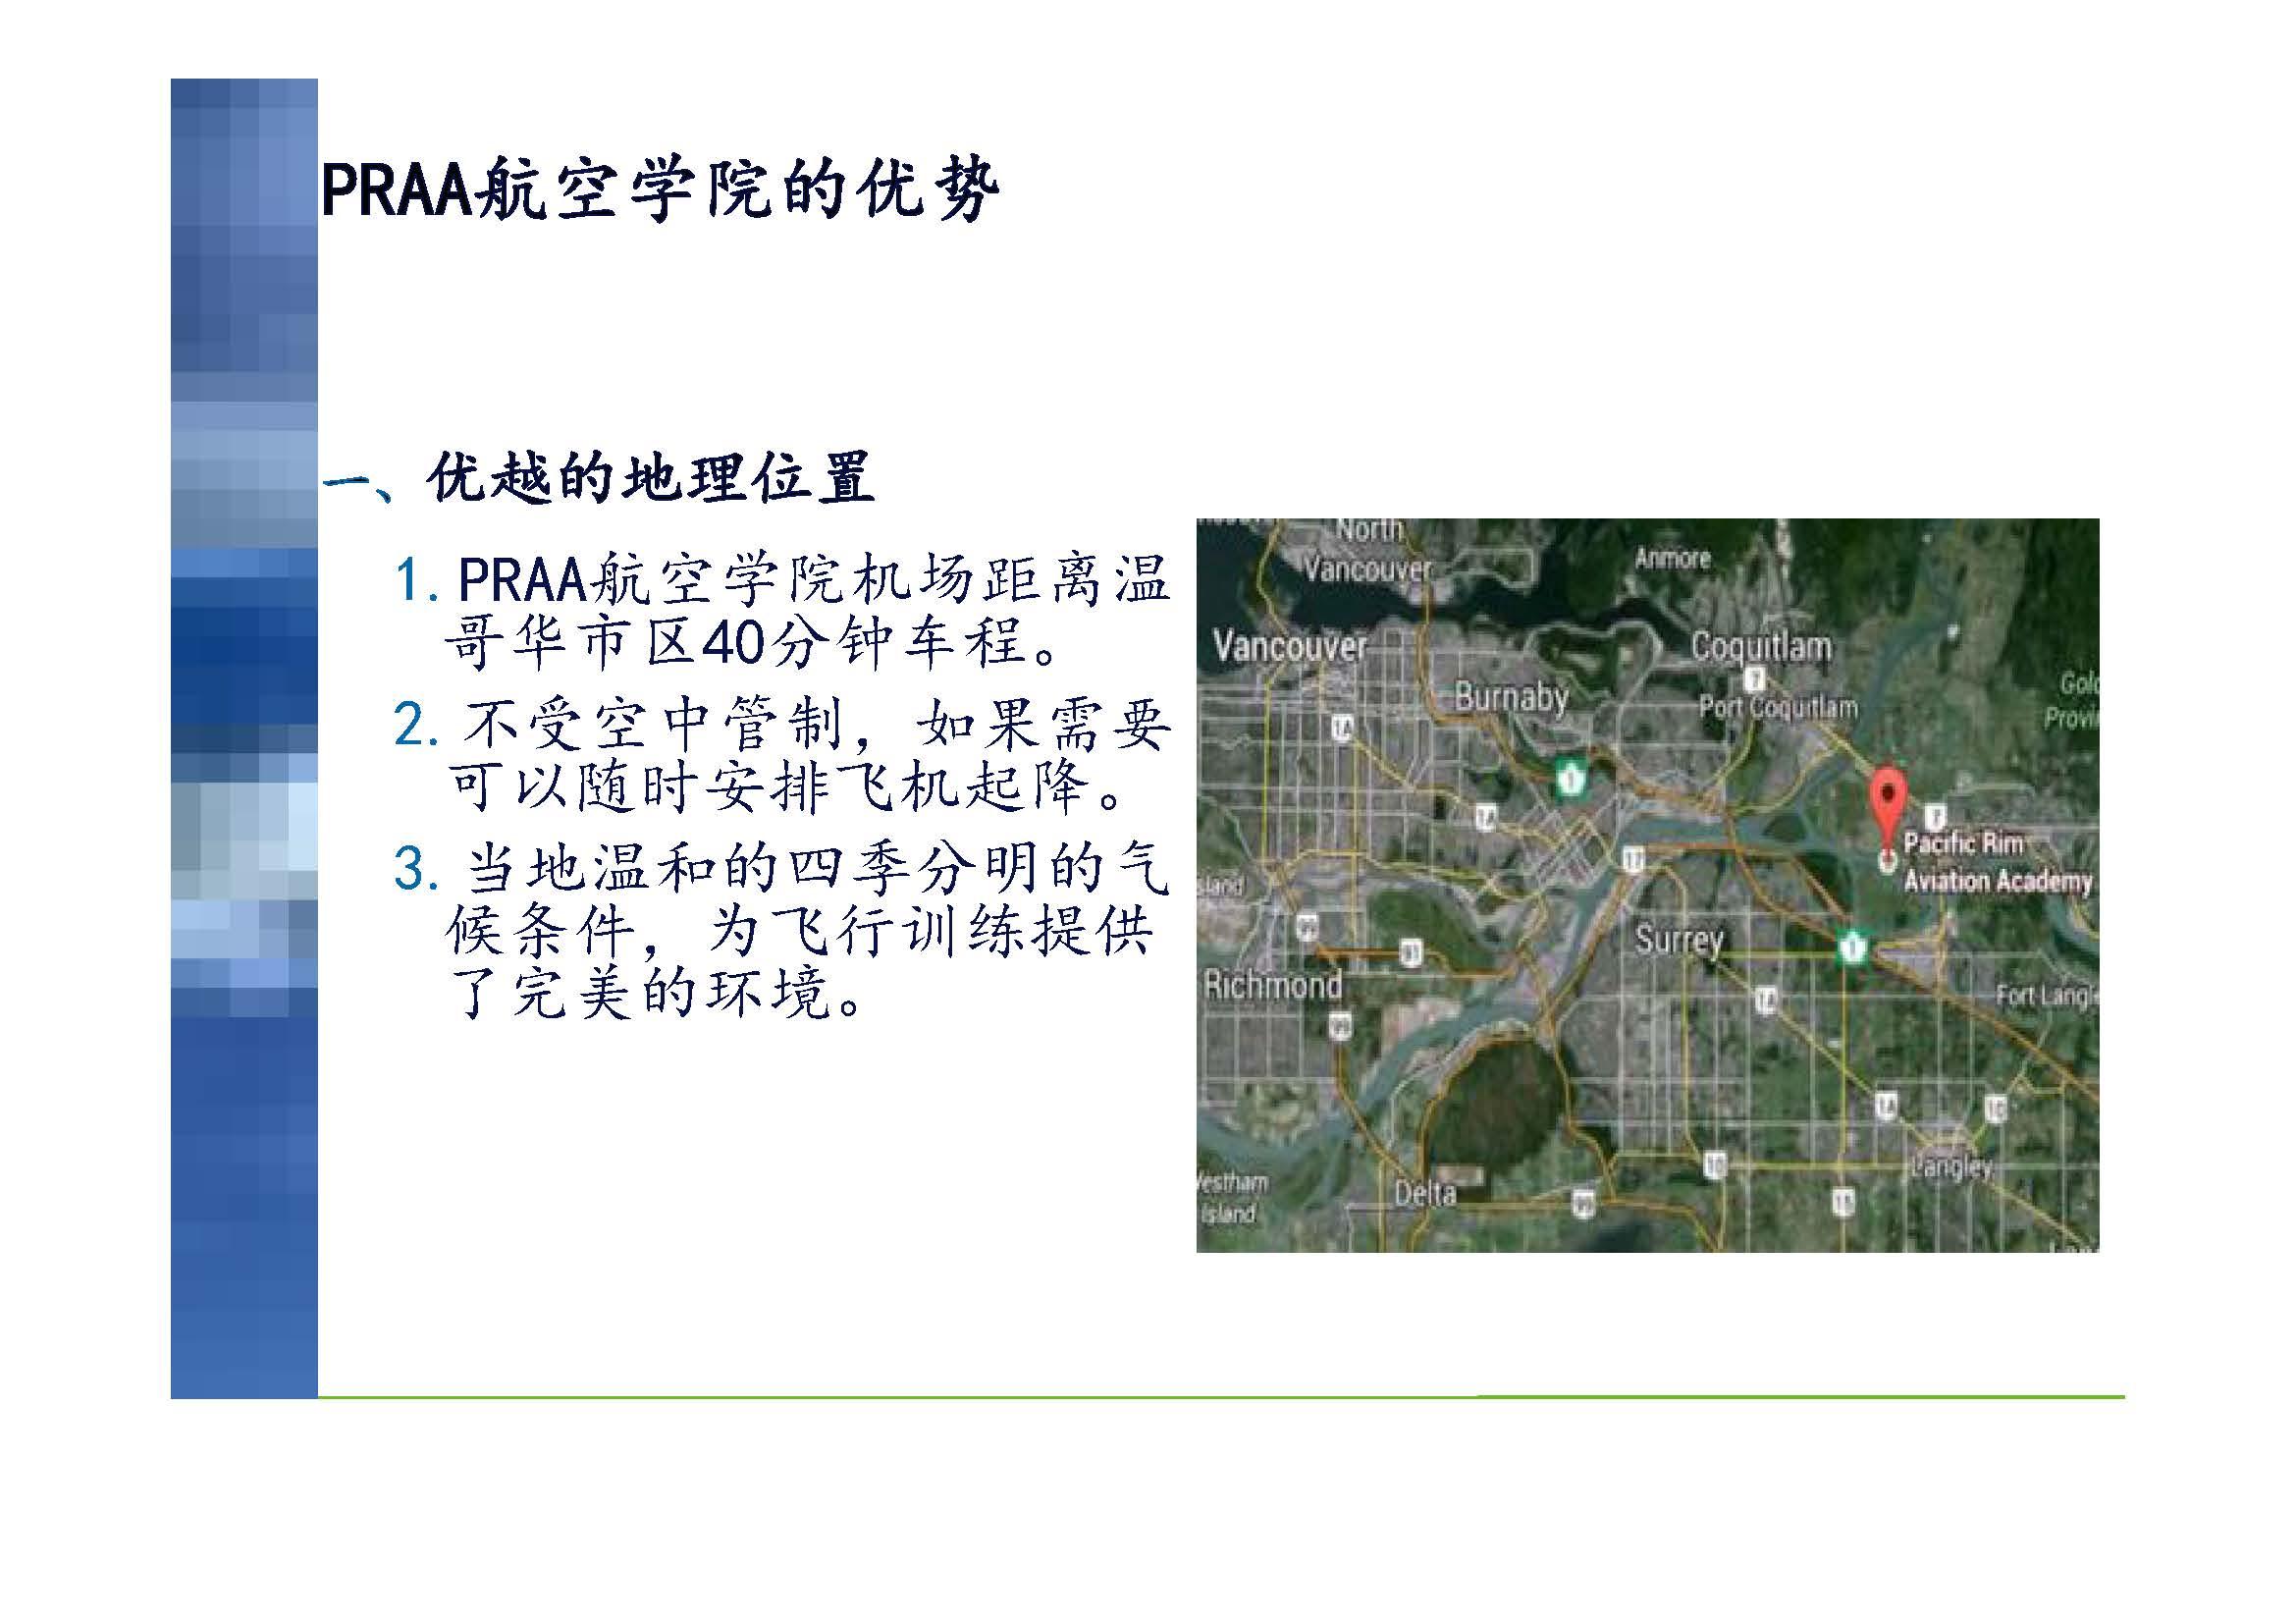 pnpjpg page 08